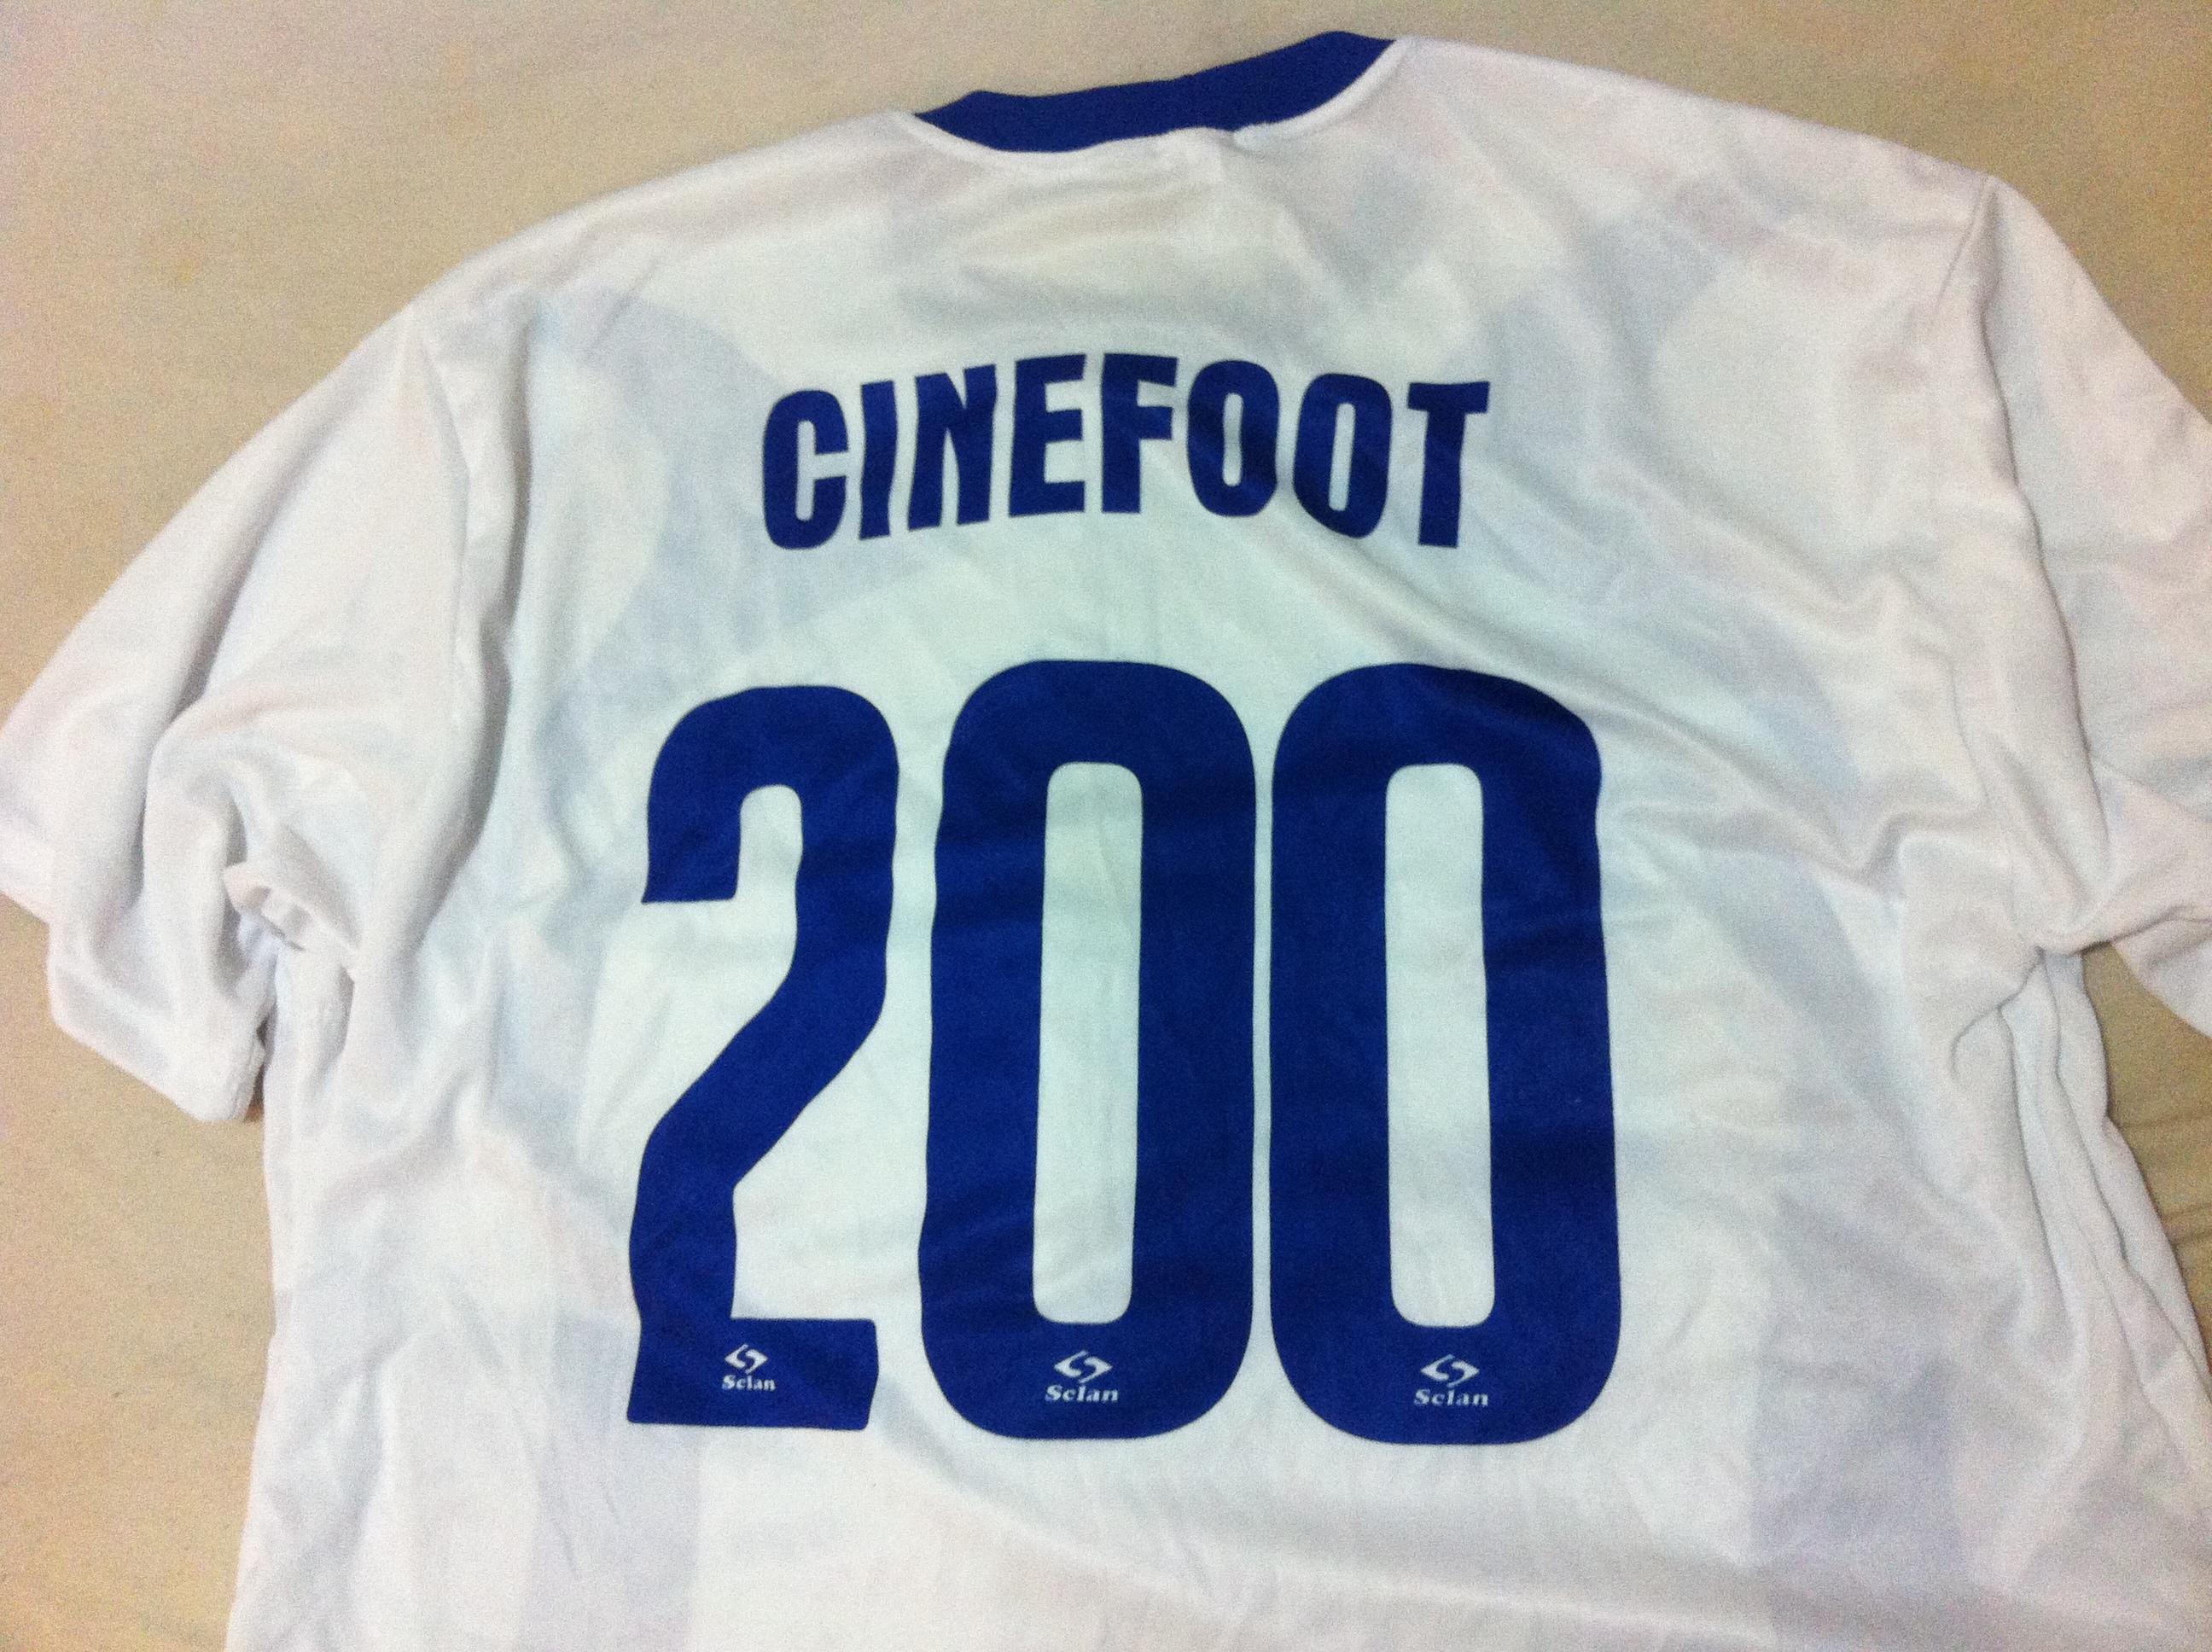 Faltam 200 dias para o CINEfoot 2015! Faça parte dessa torcida!